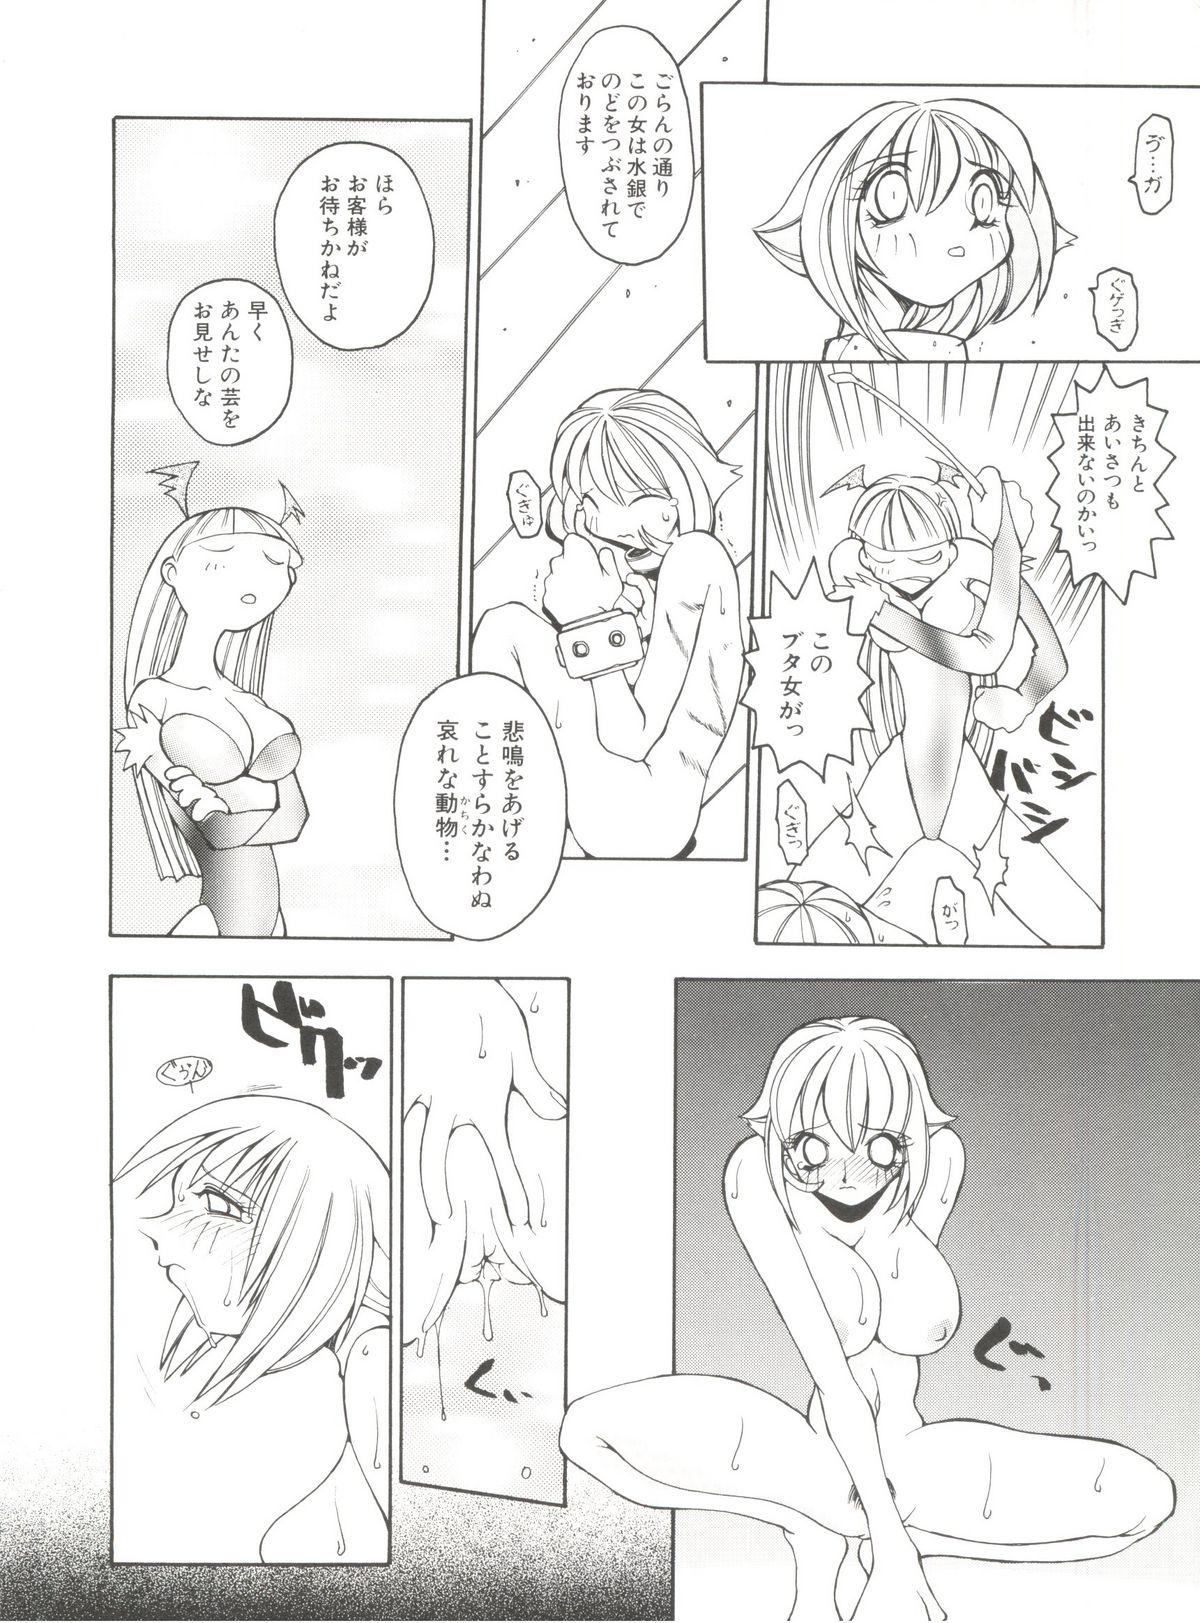 Denei Tamate Bako Bishoujo Doujinshi Anthology Vol. 2 - Nishinhou no Tenshi 65